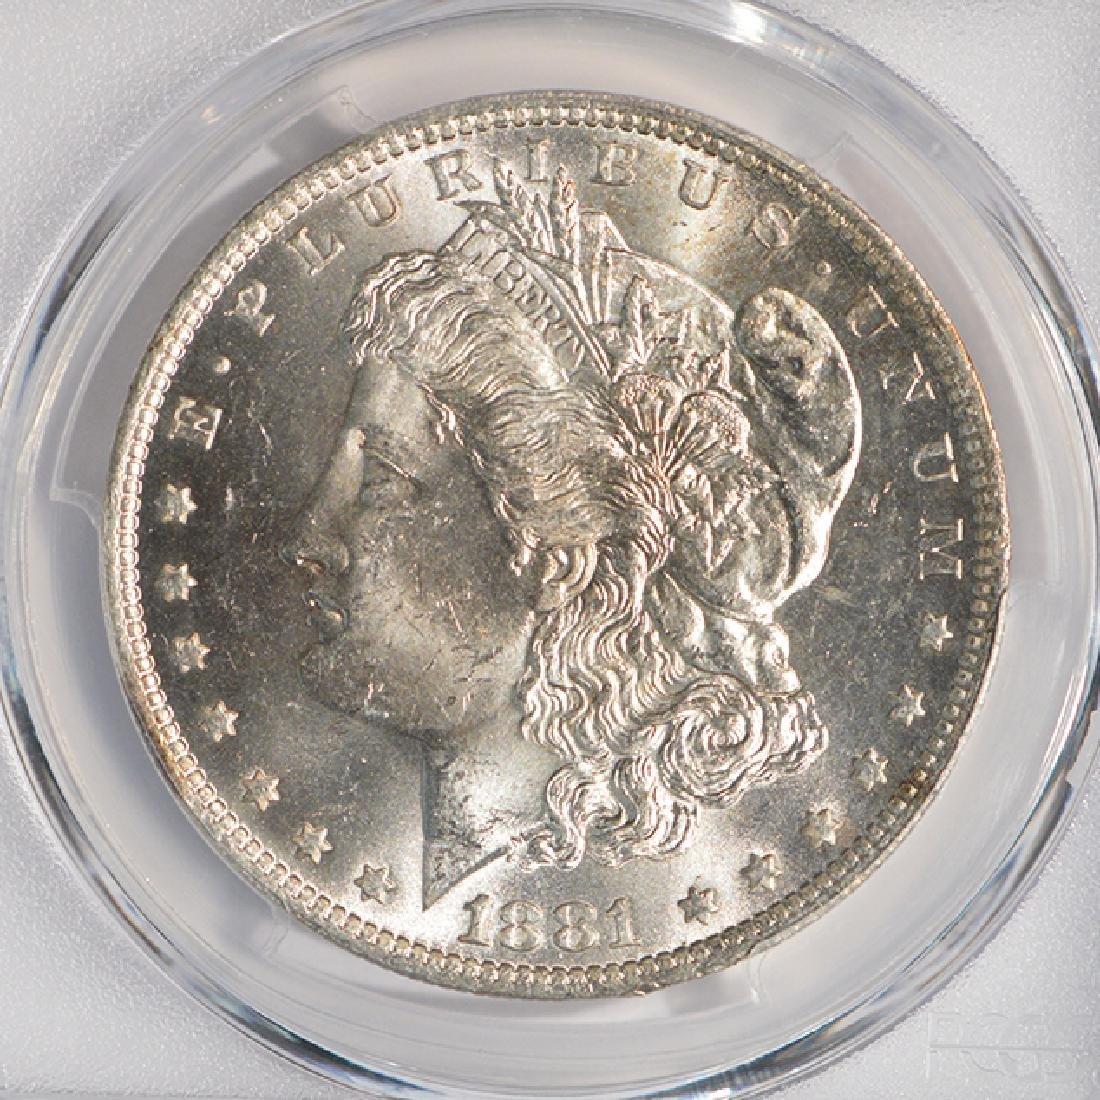 1881-O $1 Morgan Silver Dollar Coin PCGS MS64 - 3